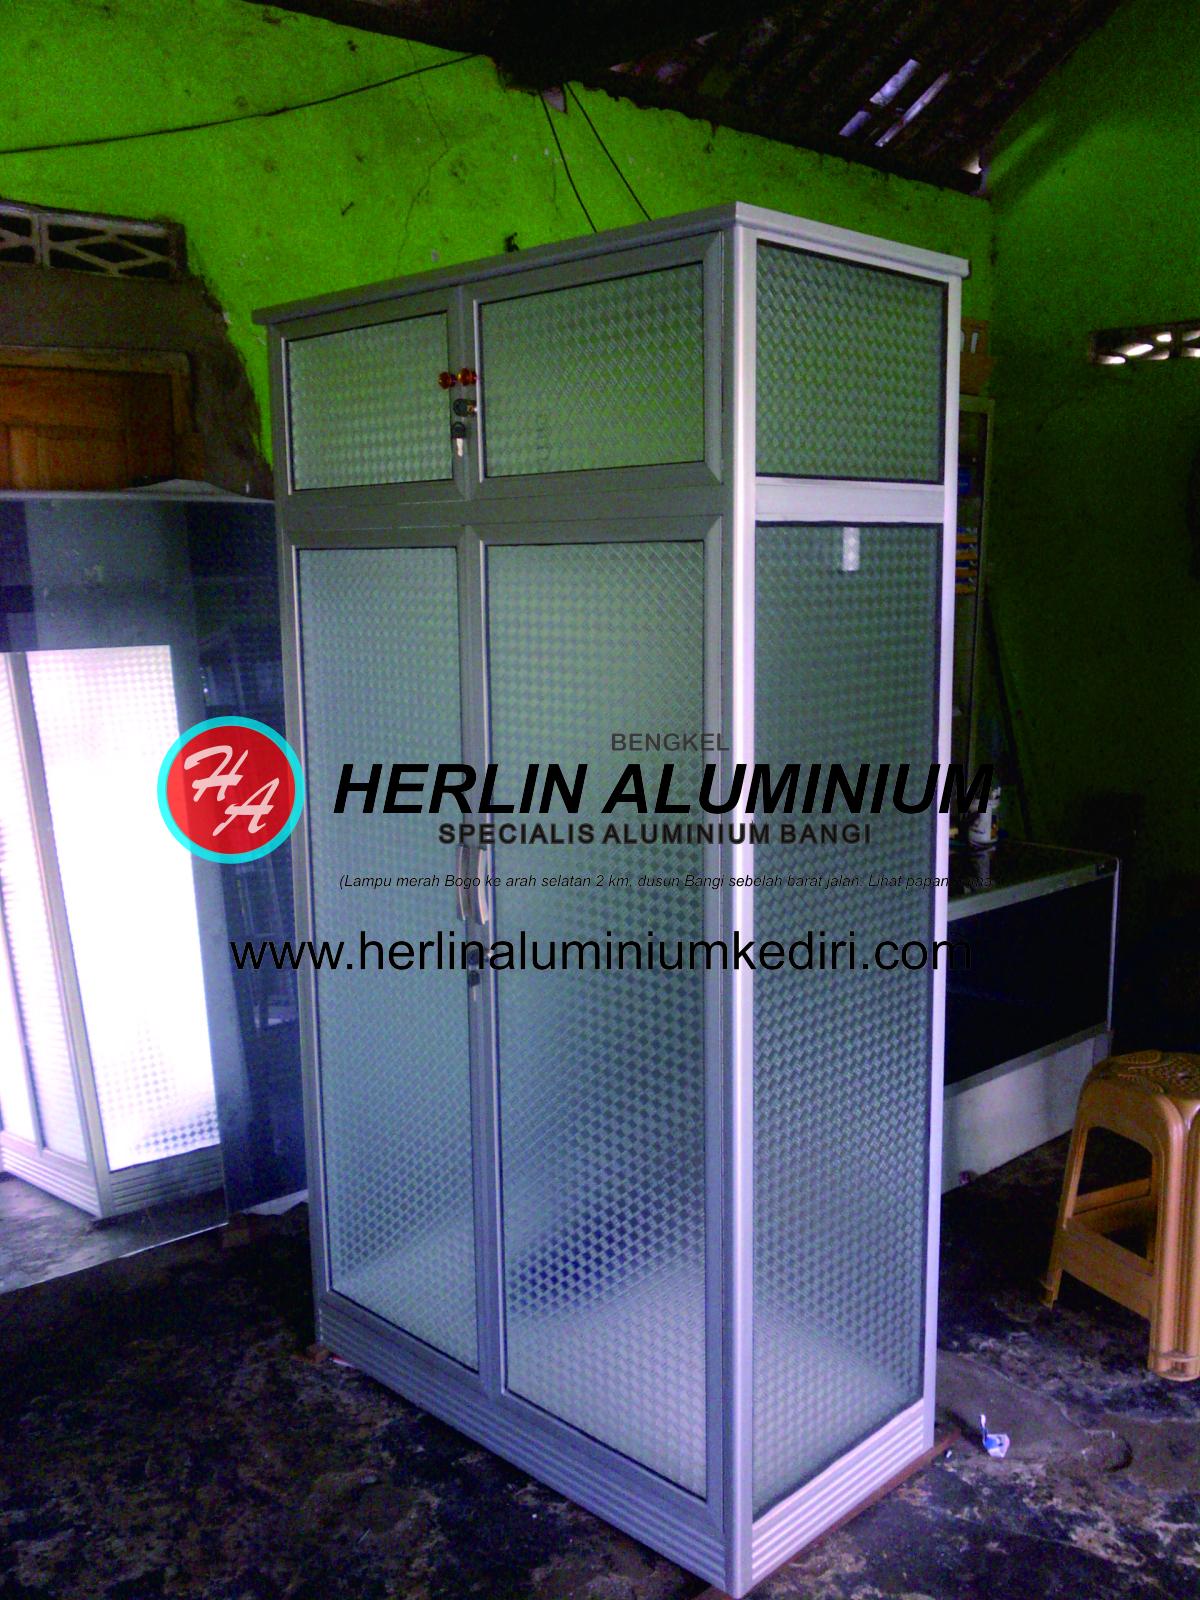 Daftar harga Lemari Pakaian Aluminium di Herlin Aluminium ...